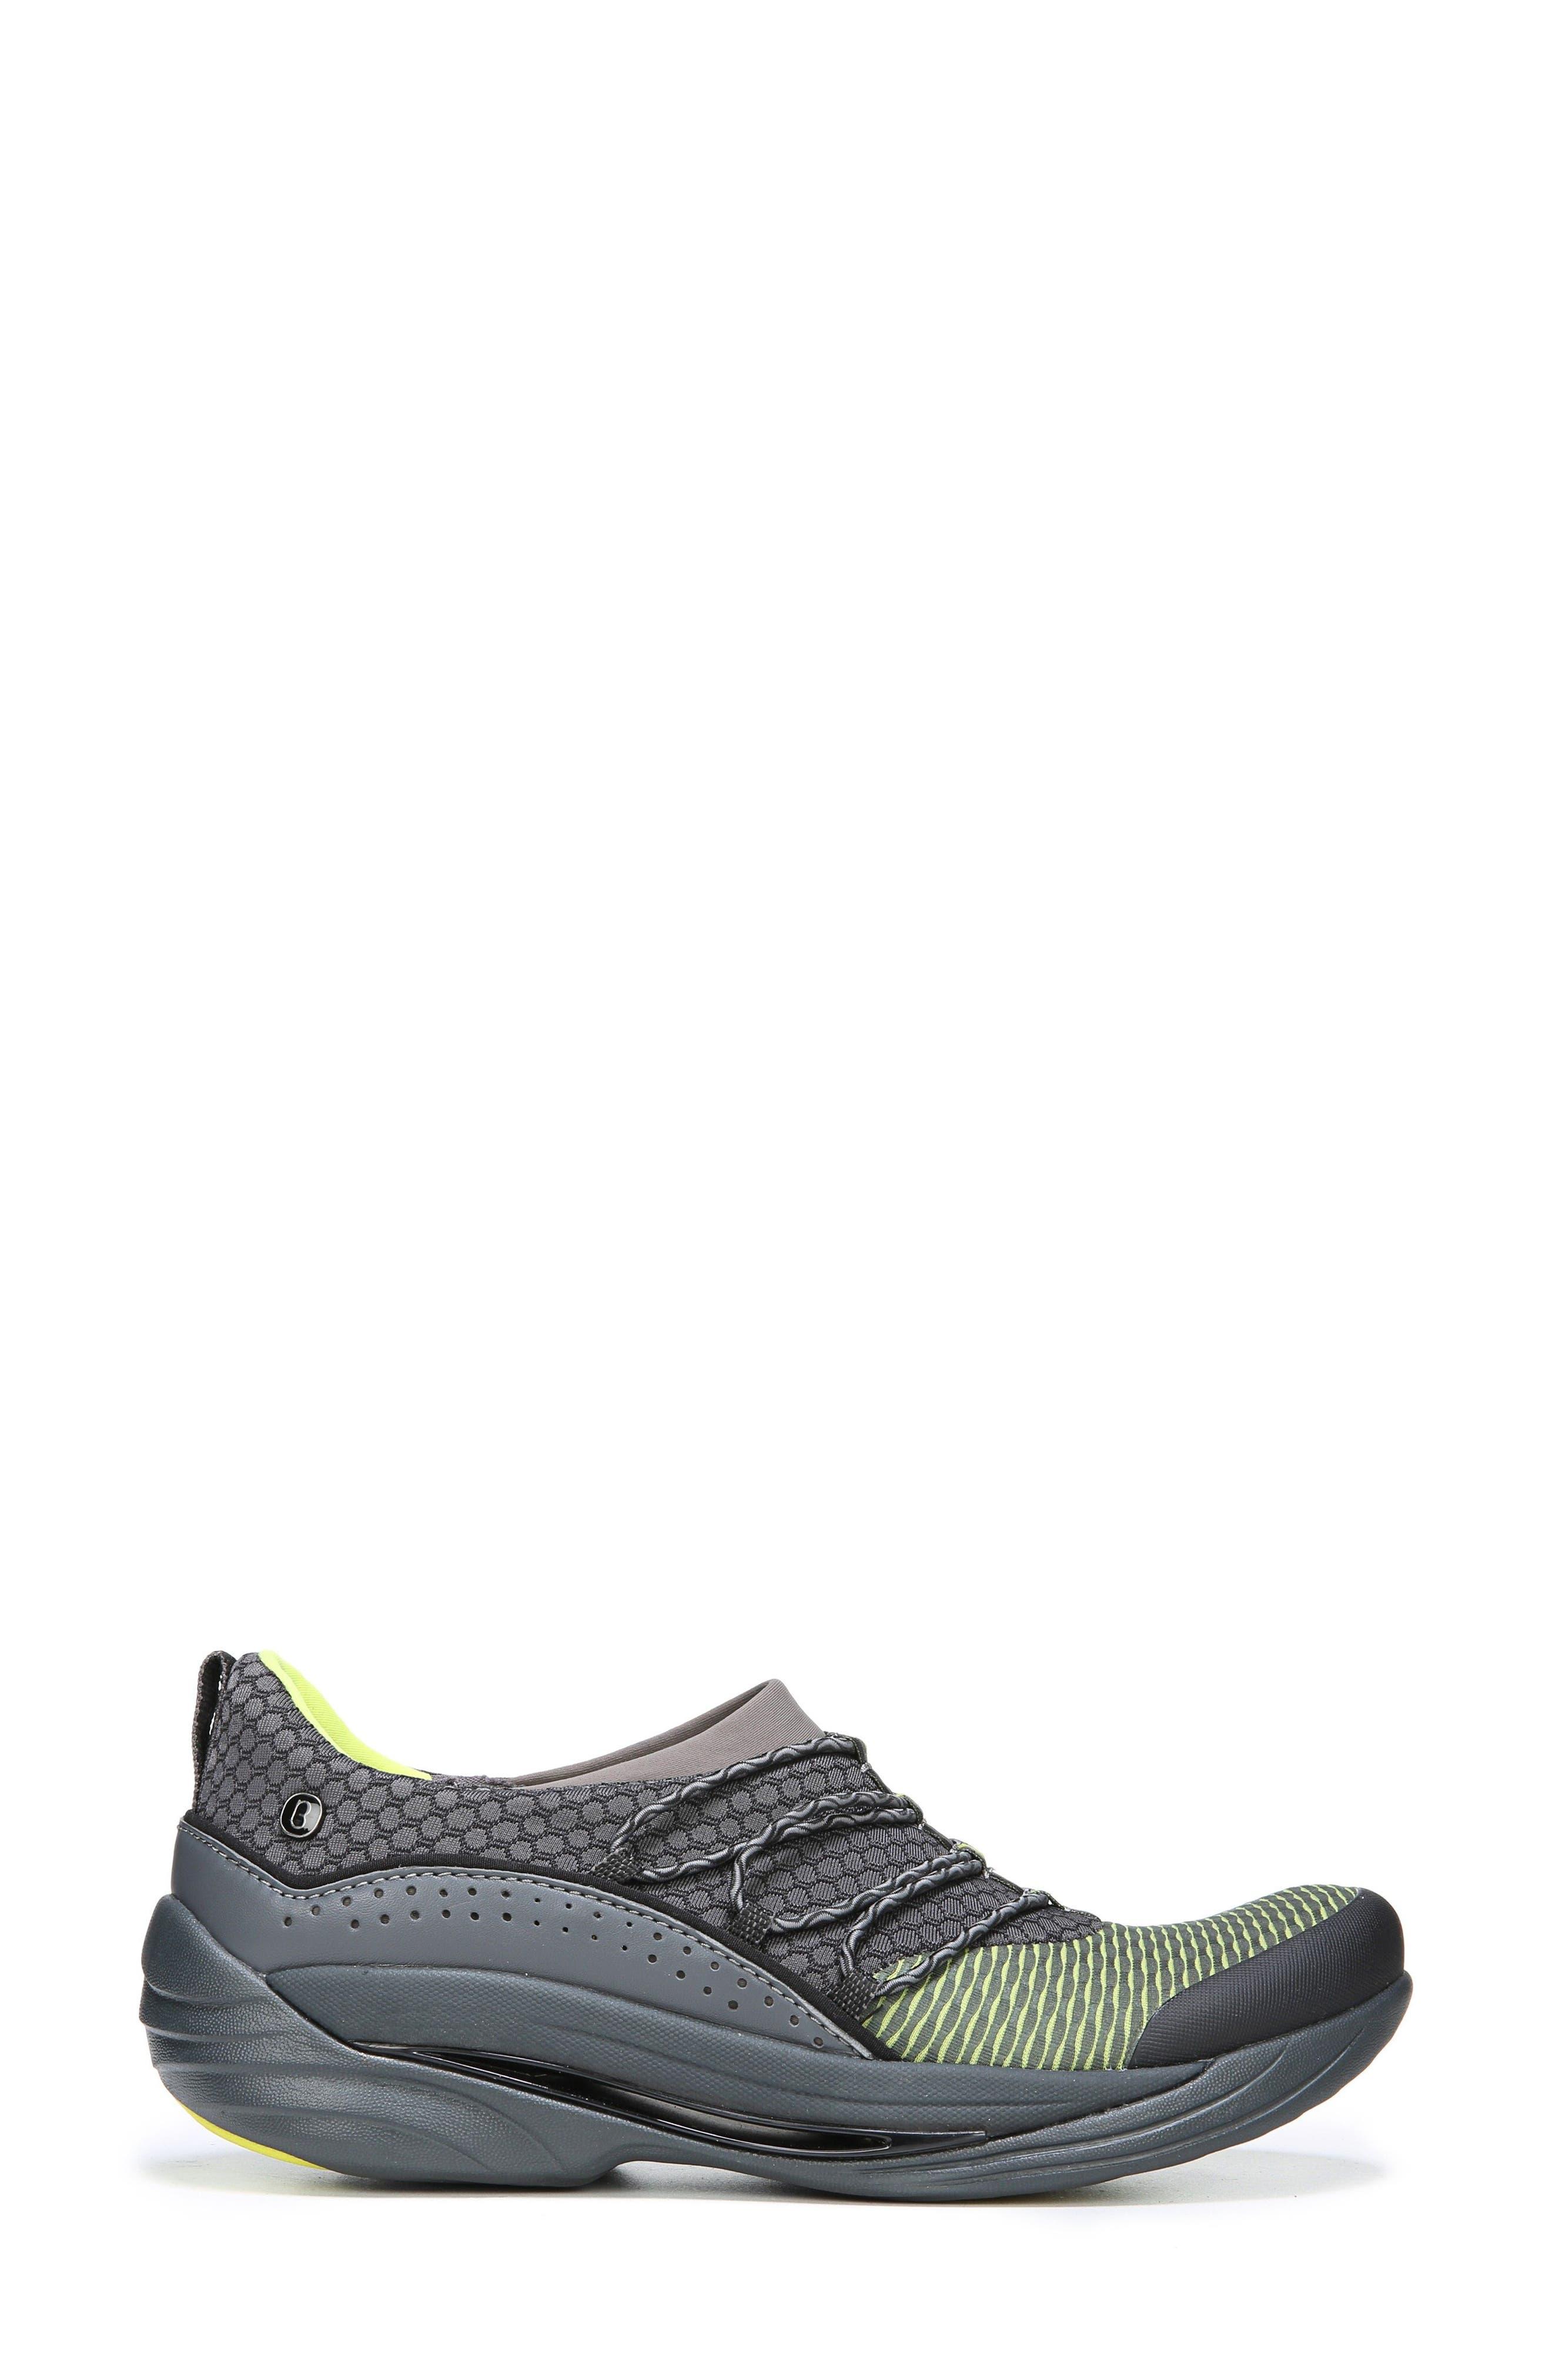 Alternate Image 3  - BZees Pisces Slip-On Sneaker (Women)